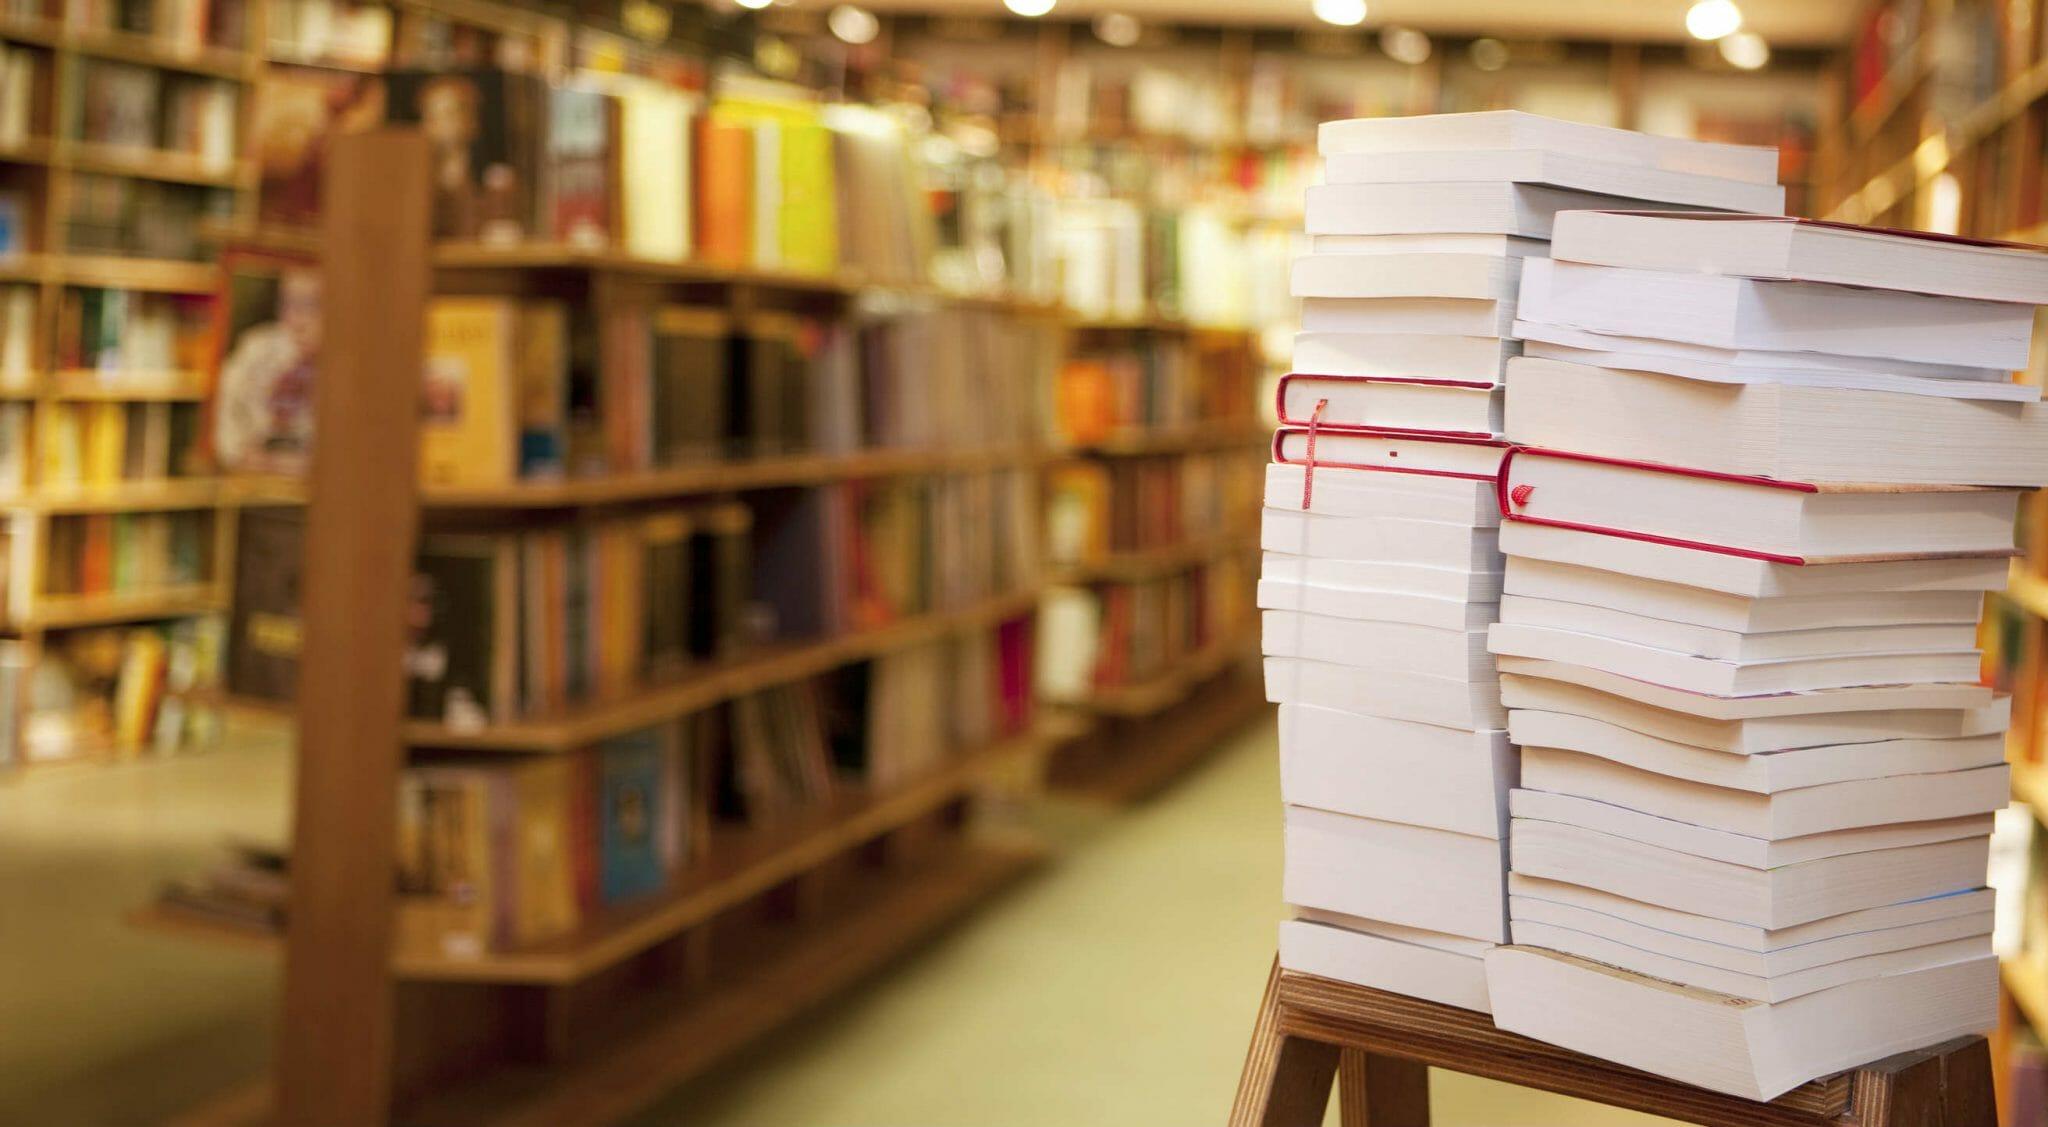 libreria librerie libri libro leggere lettura